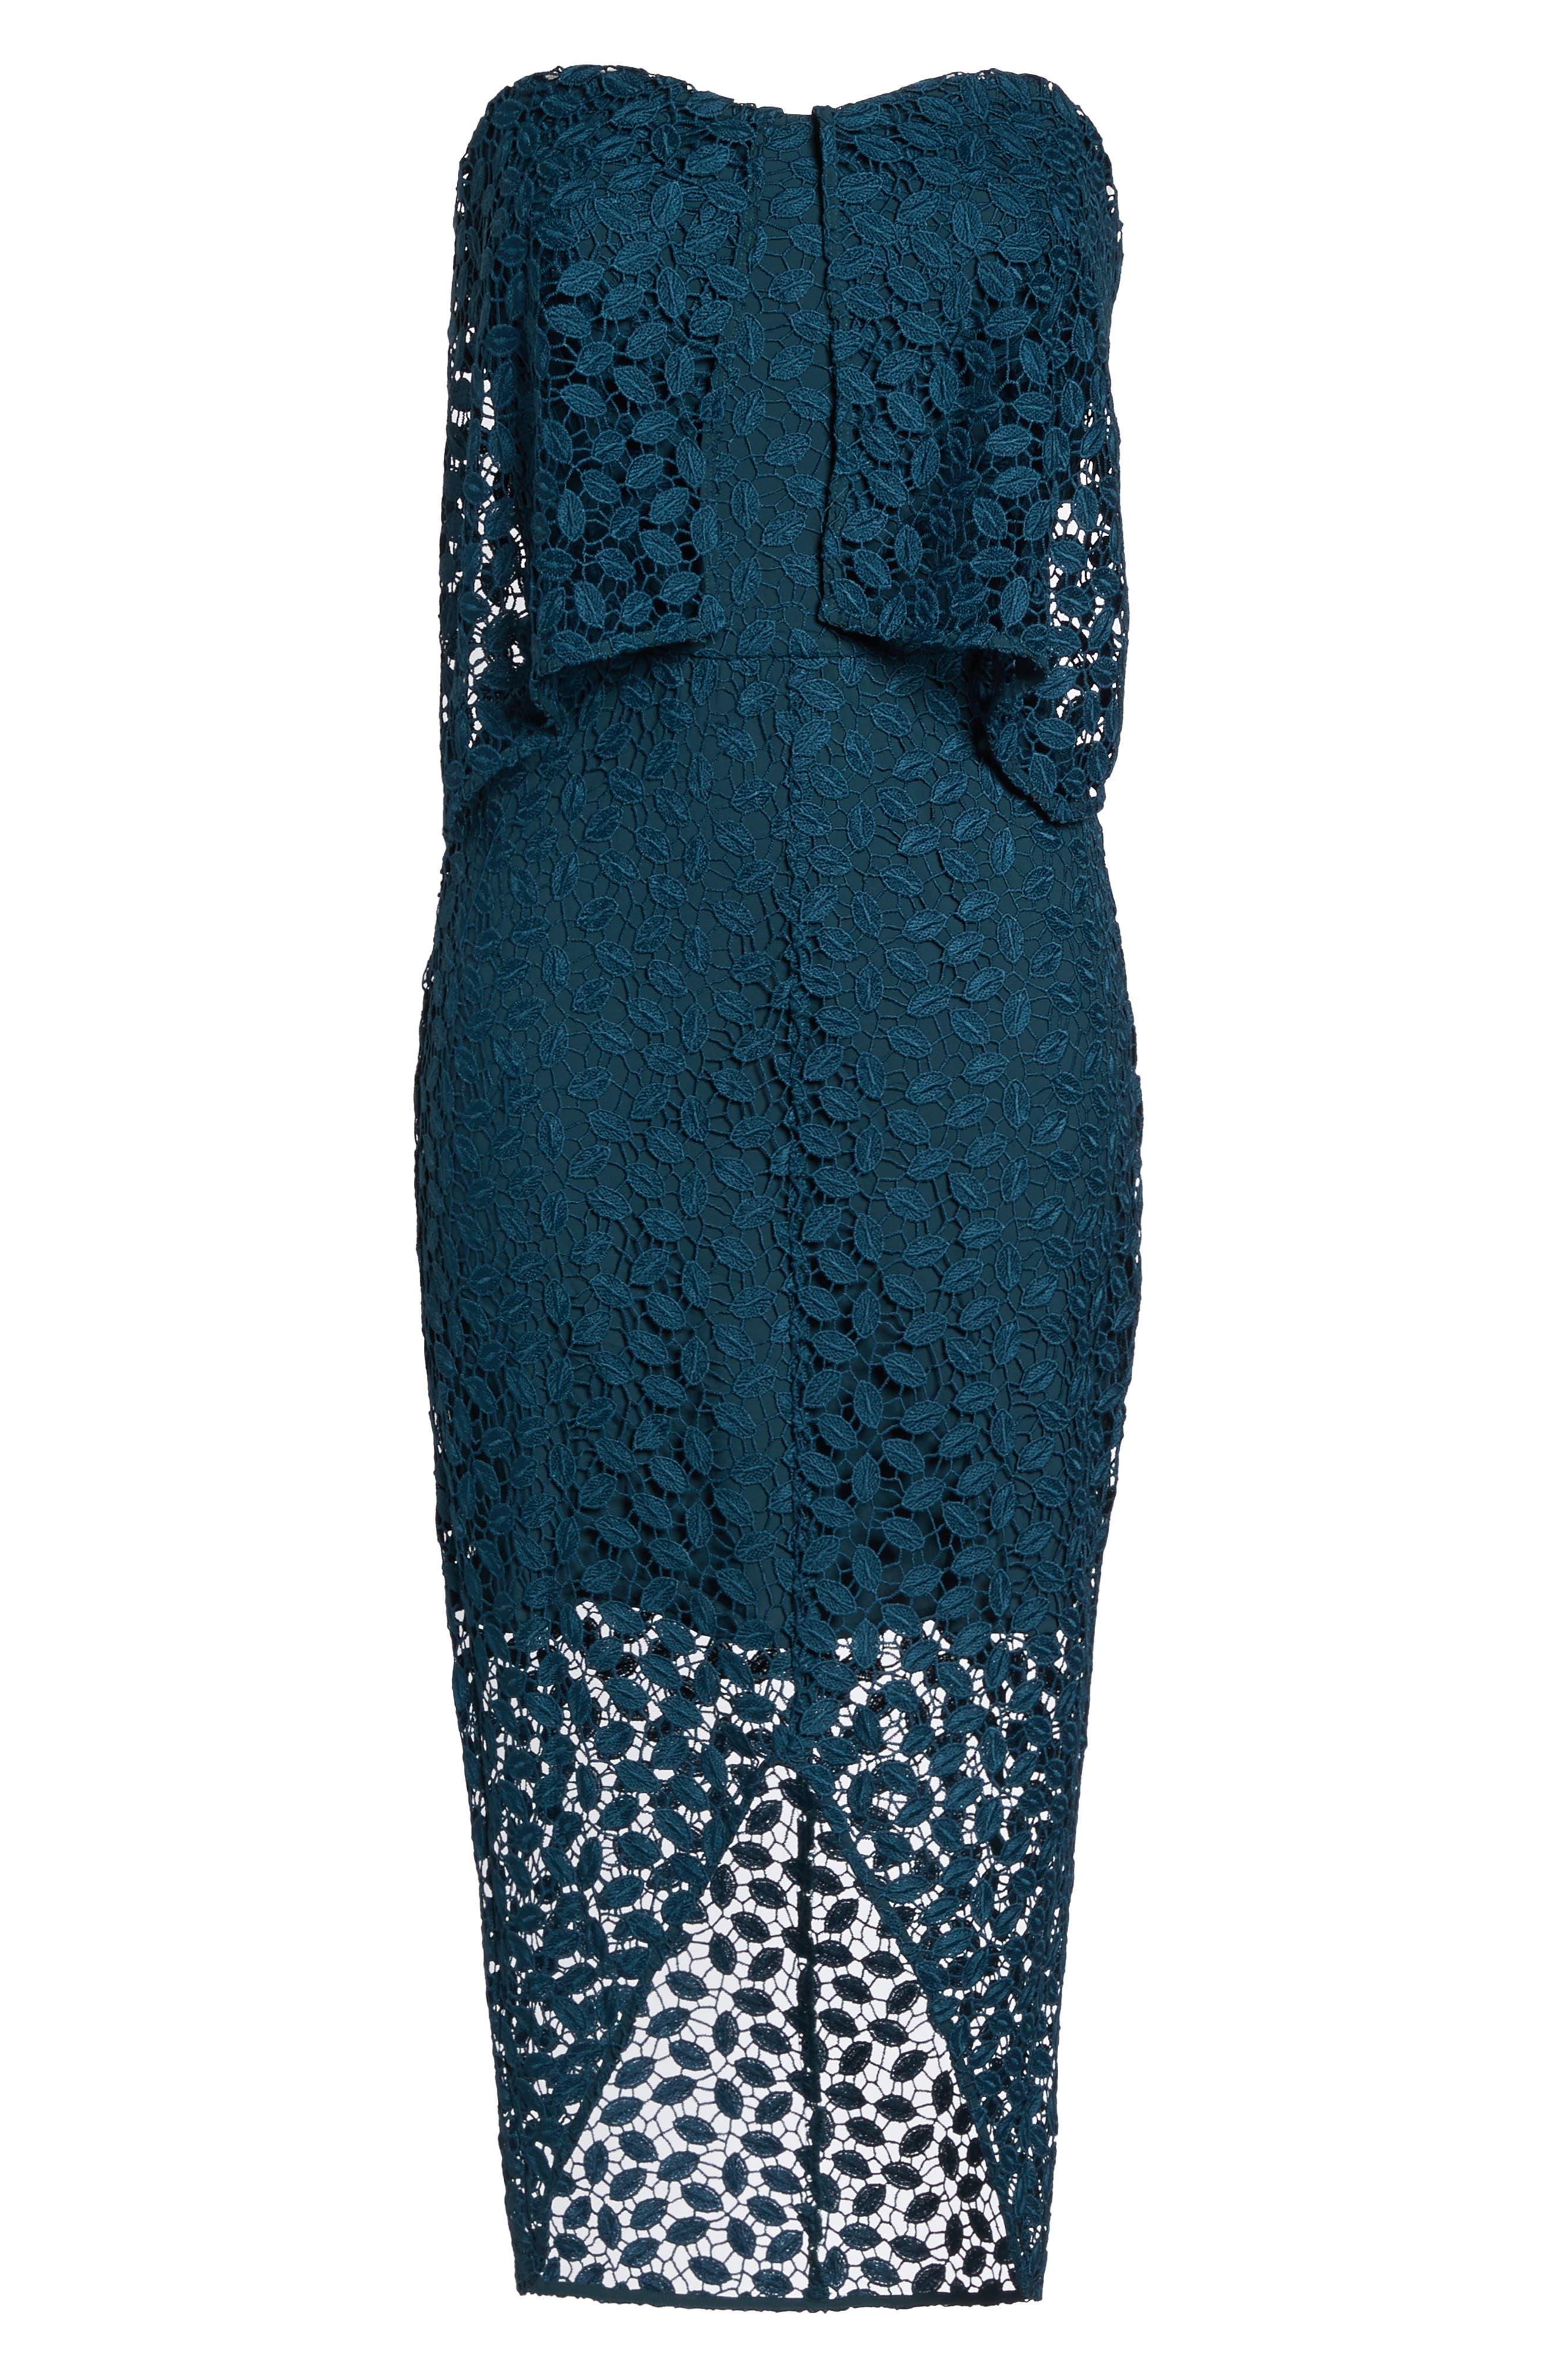 Strapless Popover Dress,                             Alternate thumbnail 6, color,                             440